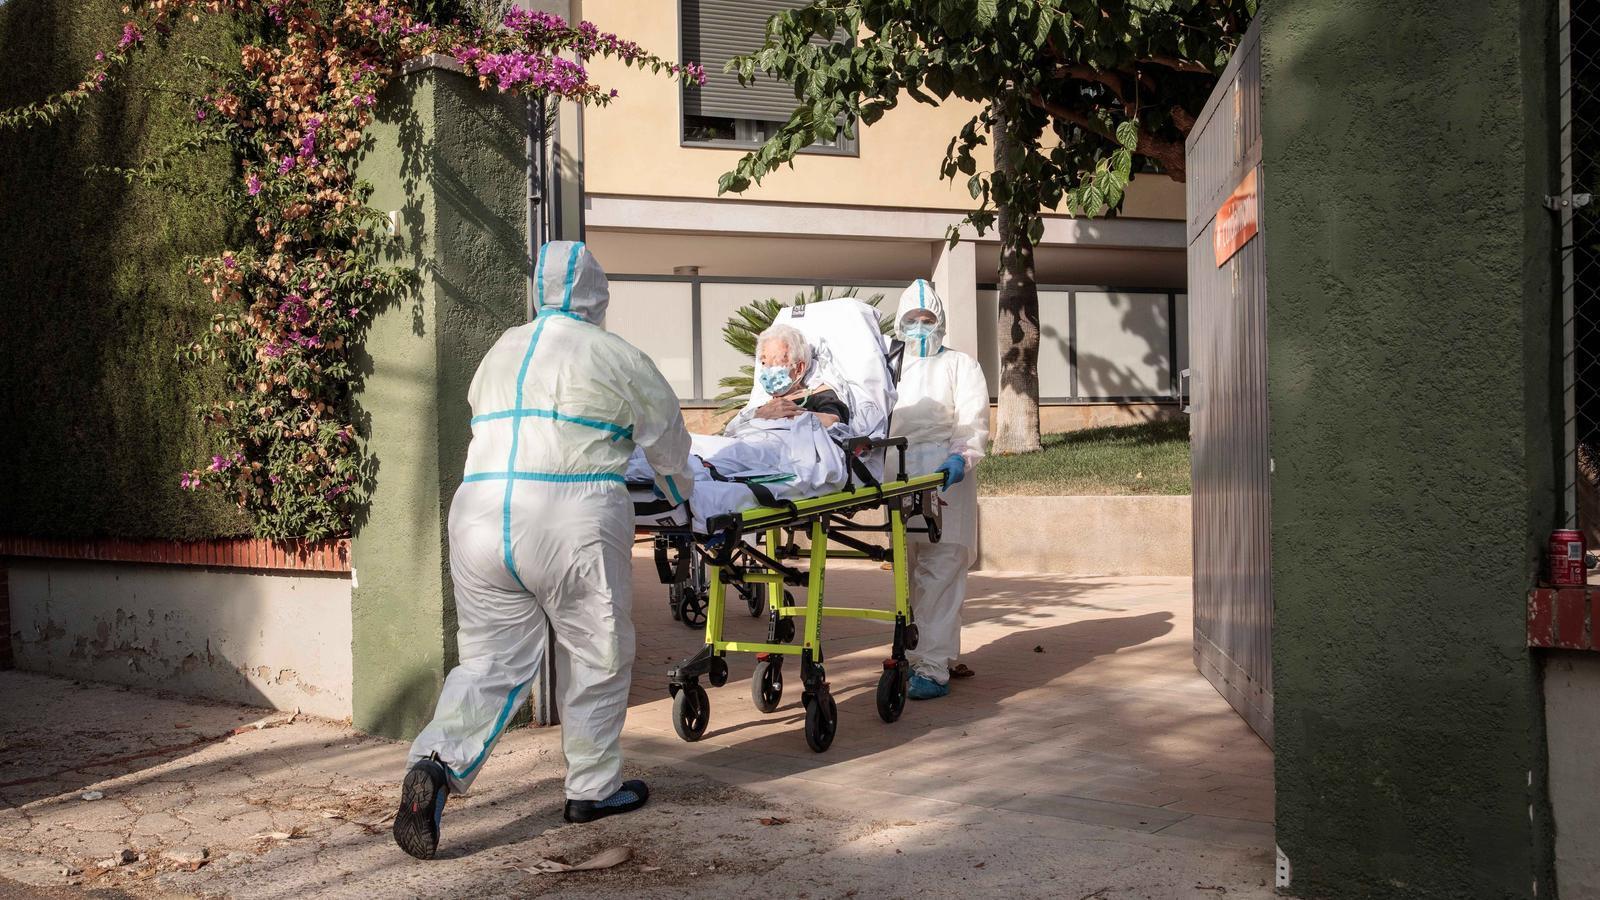 Dos treballadors sanitaris transporten una dona major a la residència de l'Eliana, on s'ha detectat un brot de coronavirus